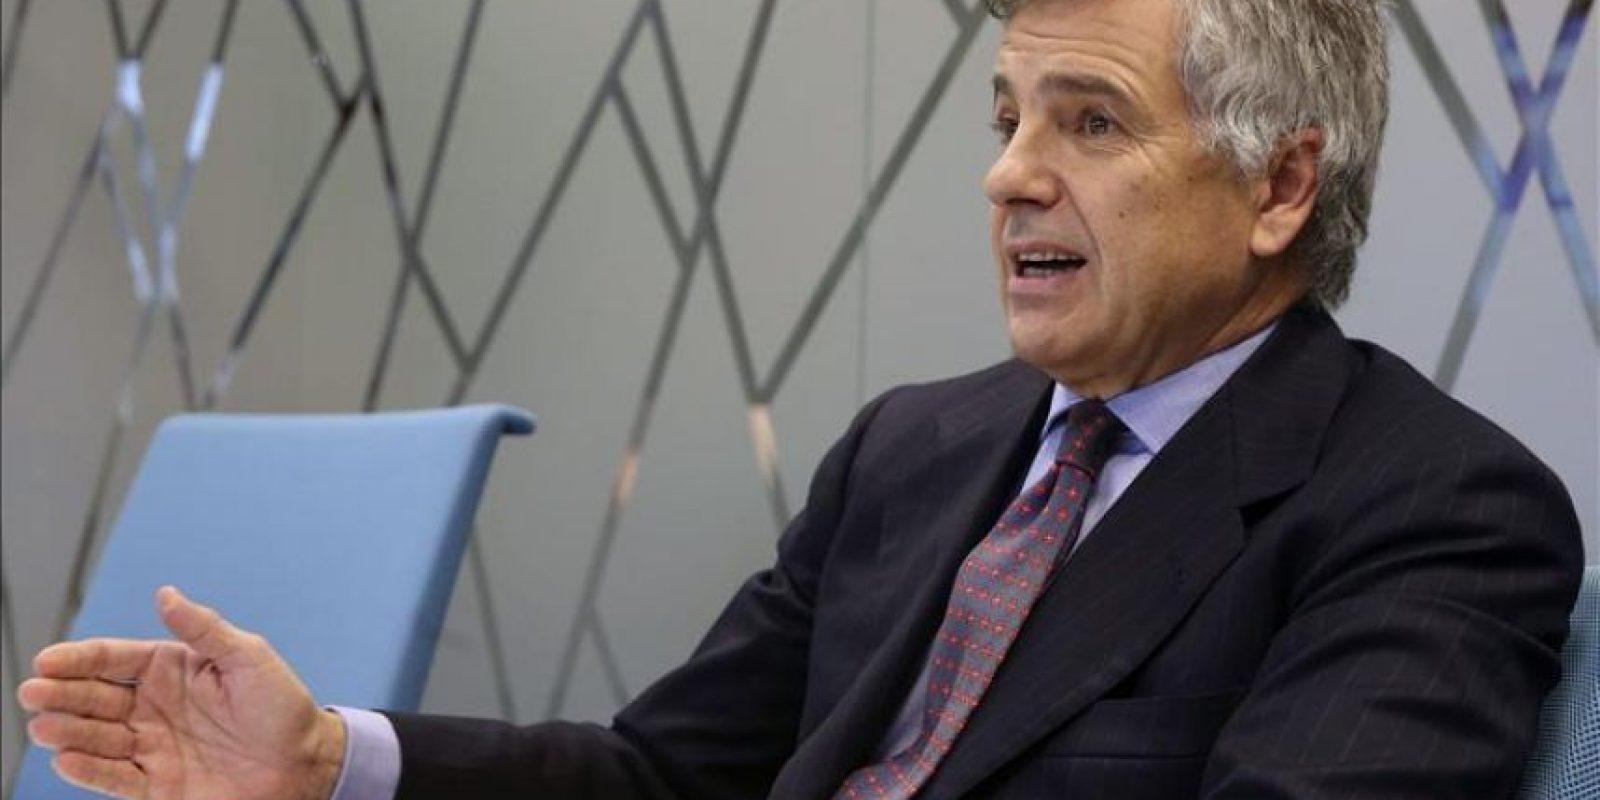 Juan Antonio Samaranch, miembro de la Comisión Ejecutiva del COI, durante una entrevista. EFE